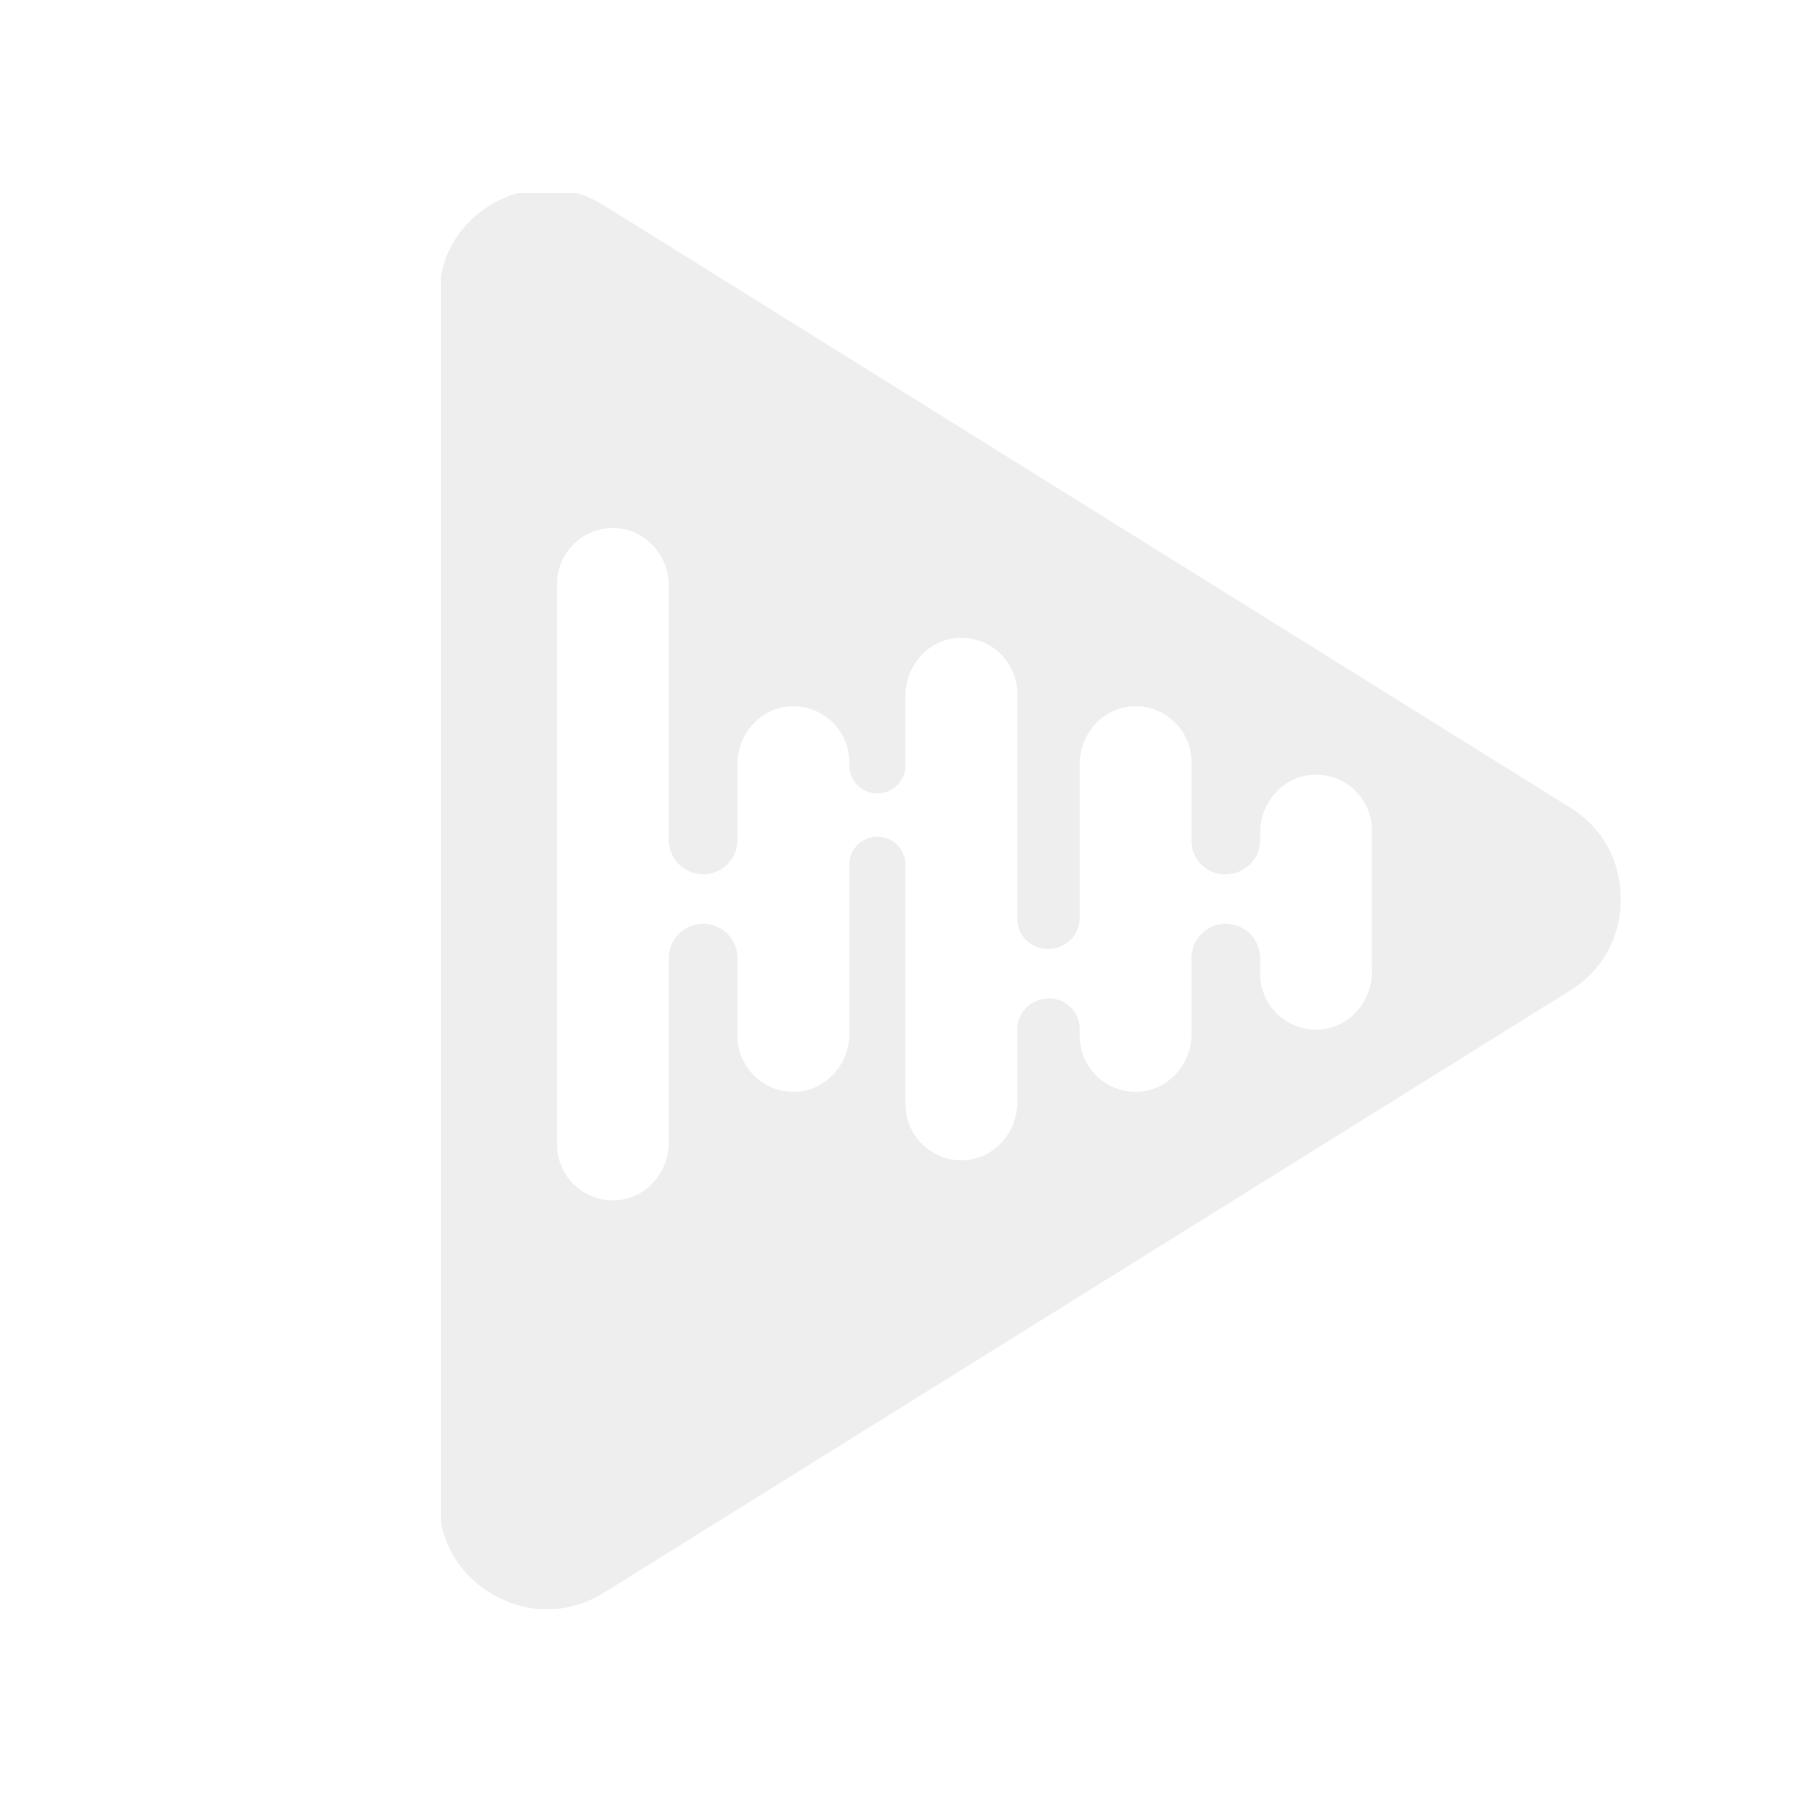 AZ Audiocomp MQ40-PK